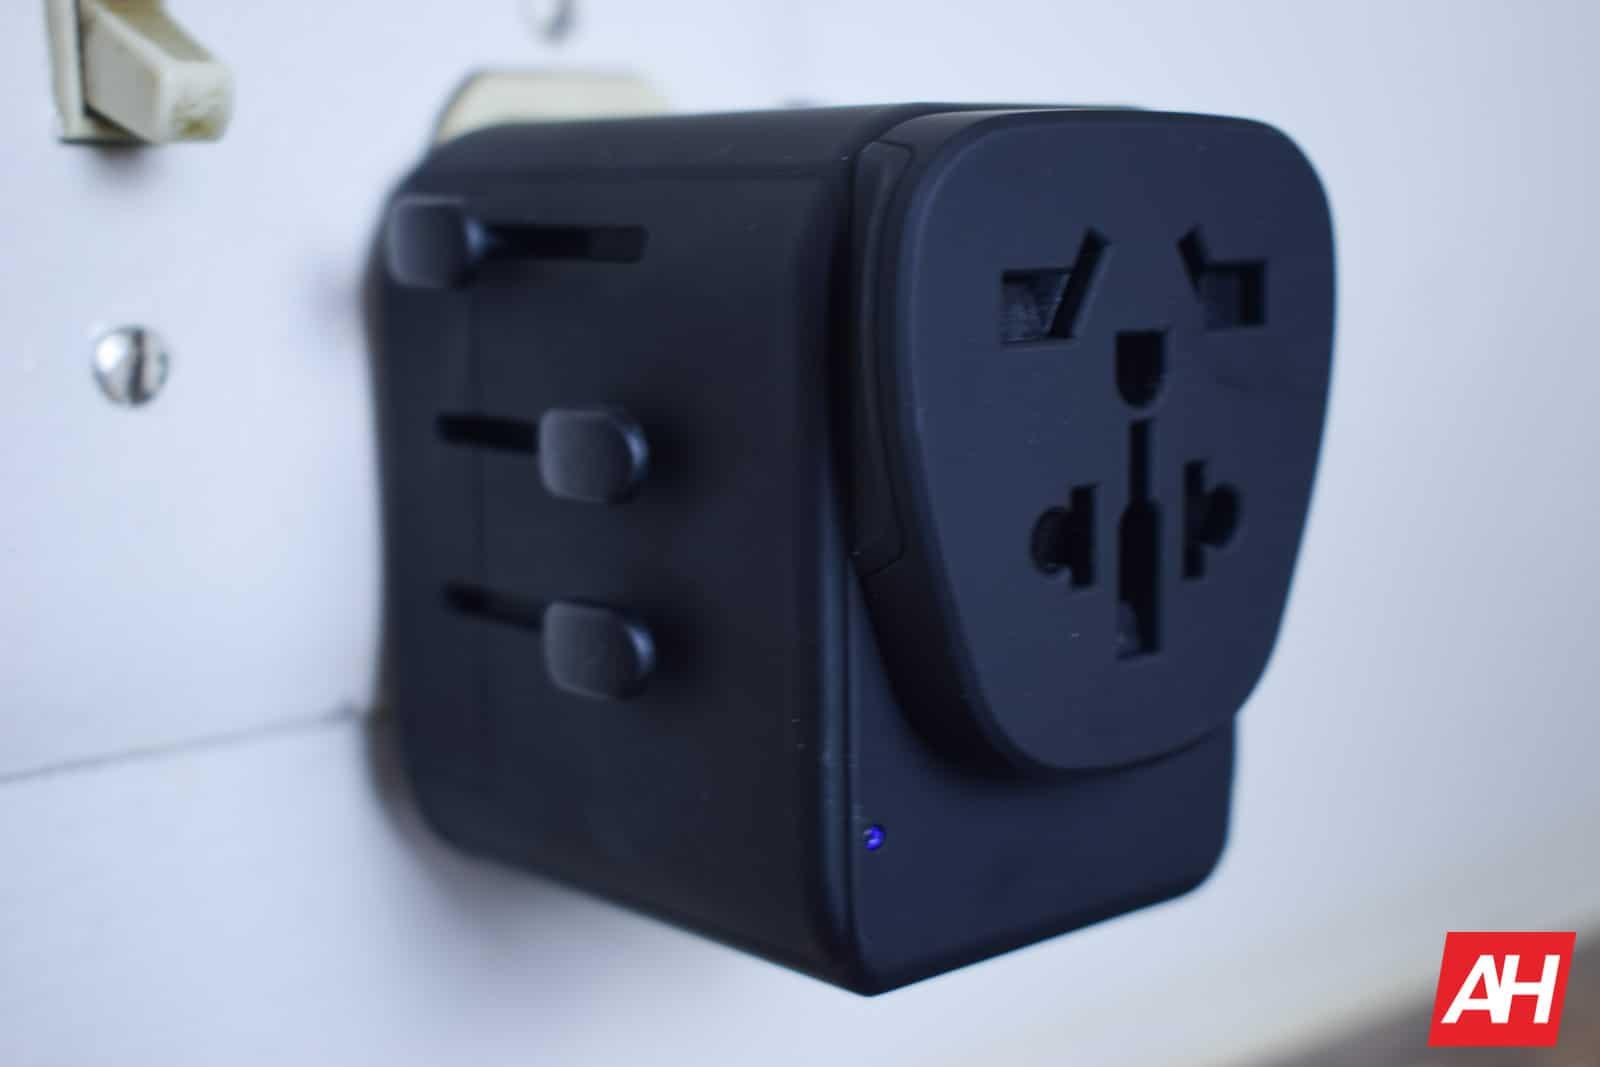 Xcentz Universal Travel Adapter AM AH 9